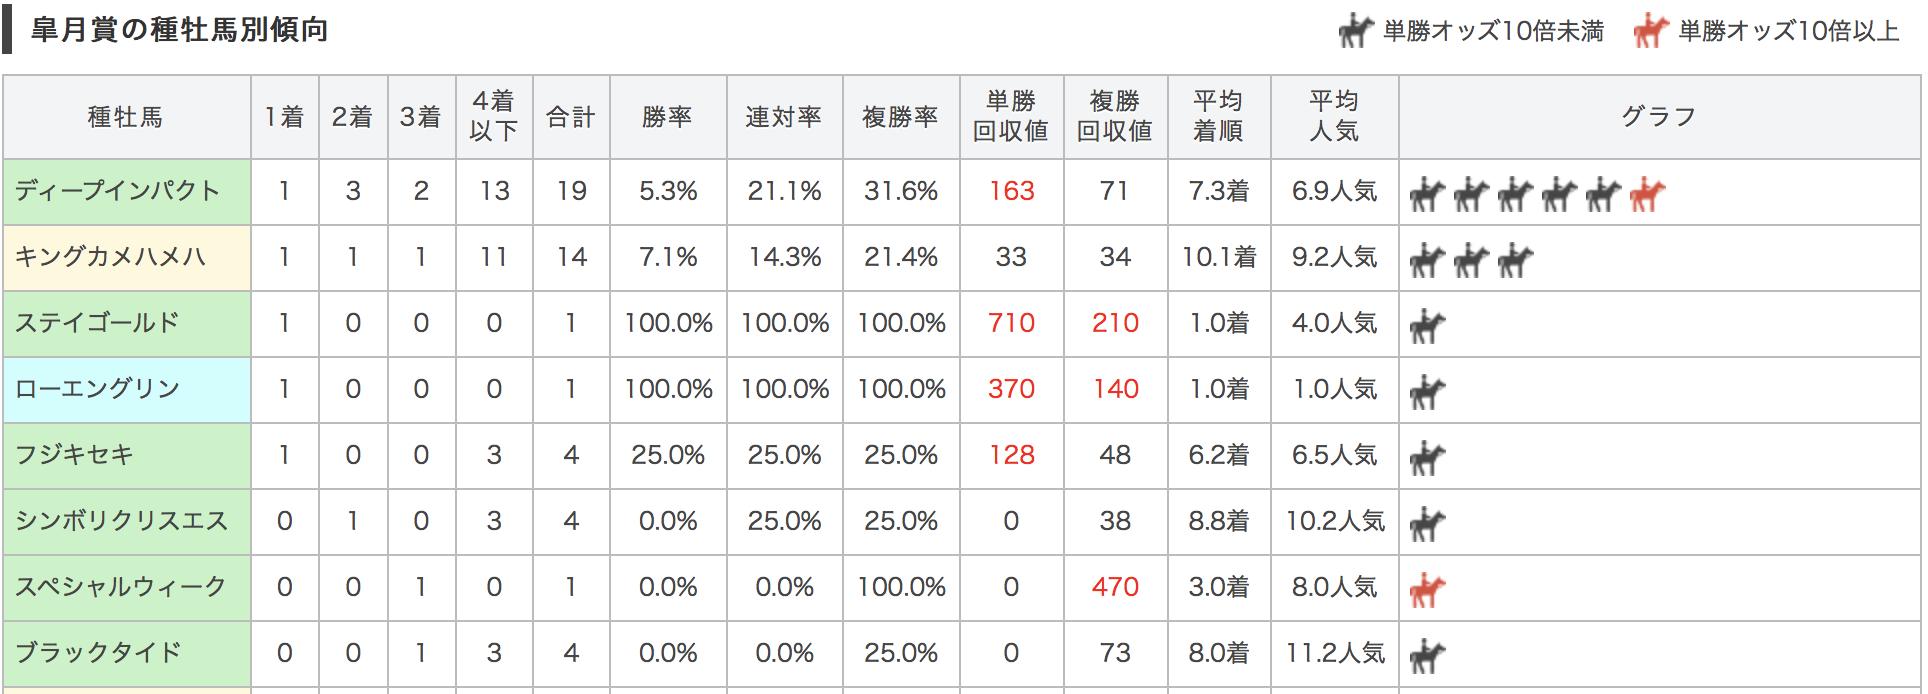 皐月賞2017種牡馬別データ